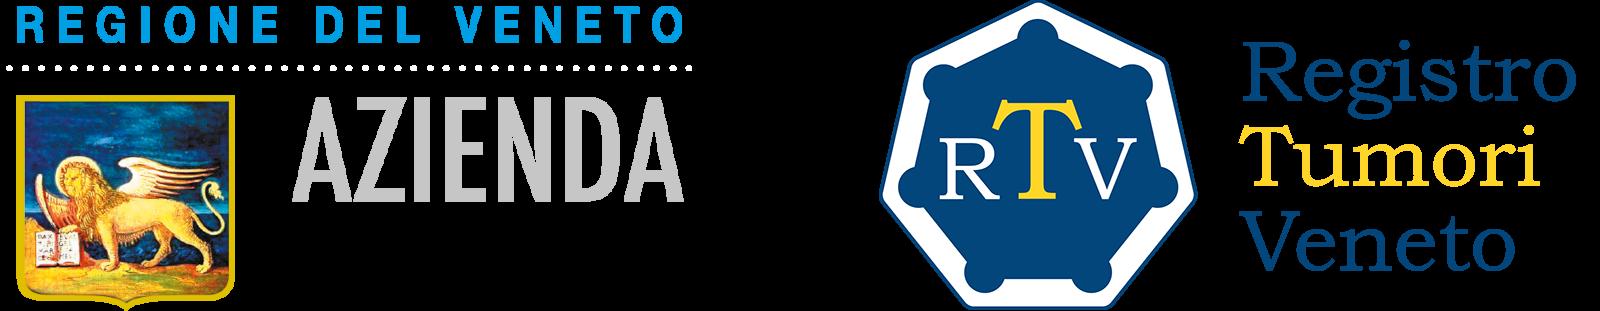 Registro Tumori Veneto